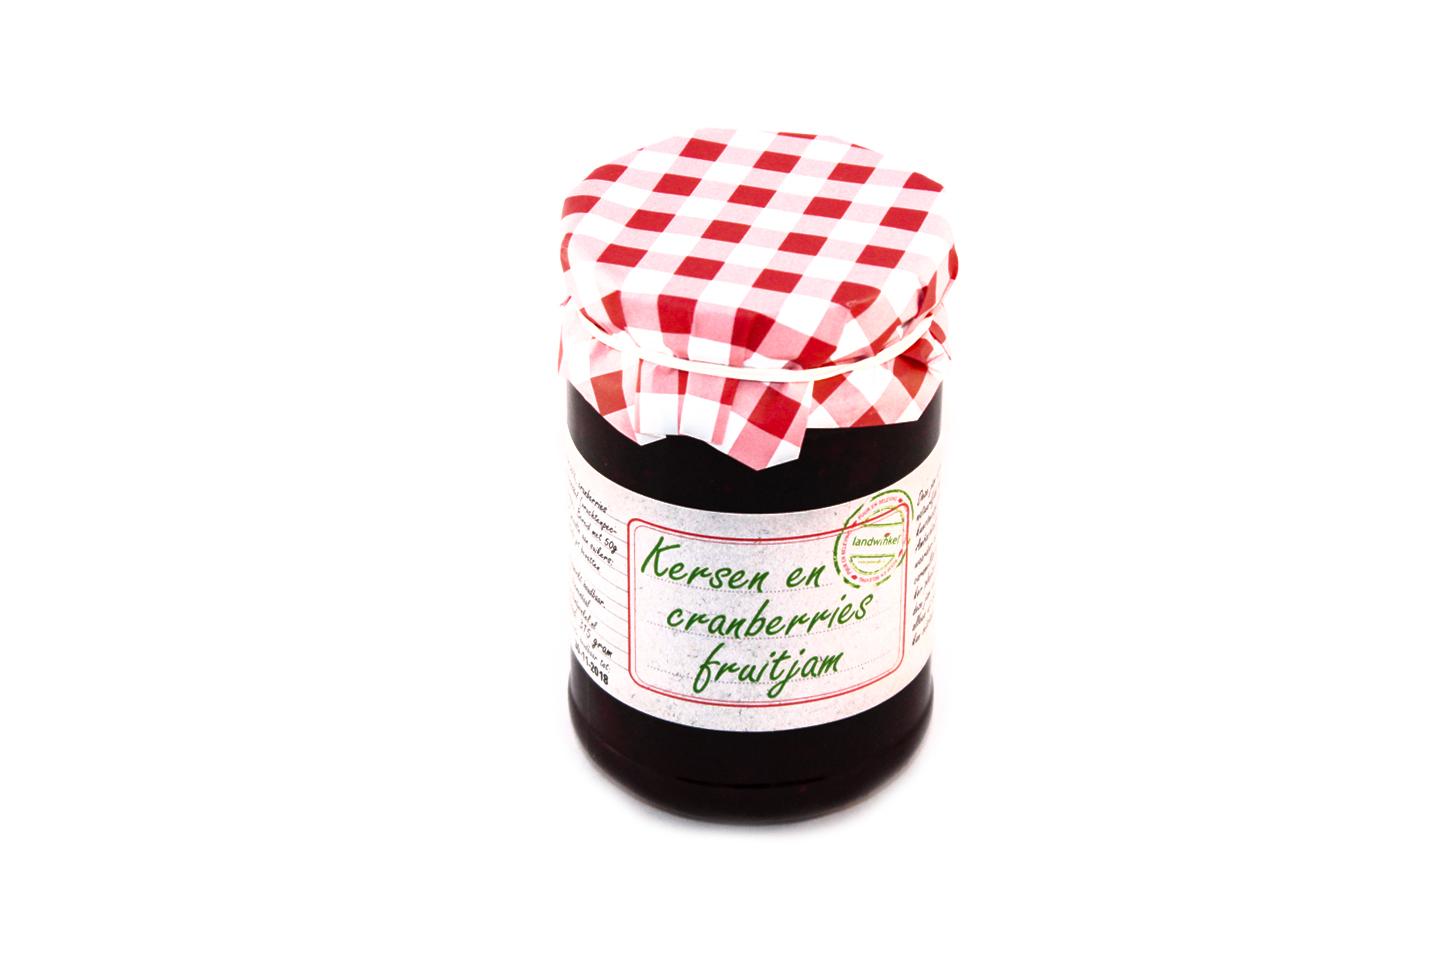 Kersen- cranberry jam